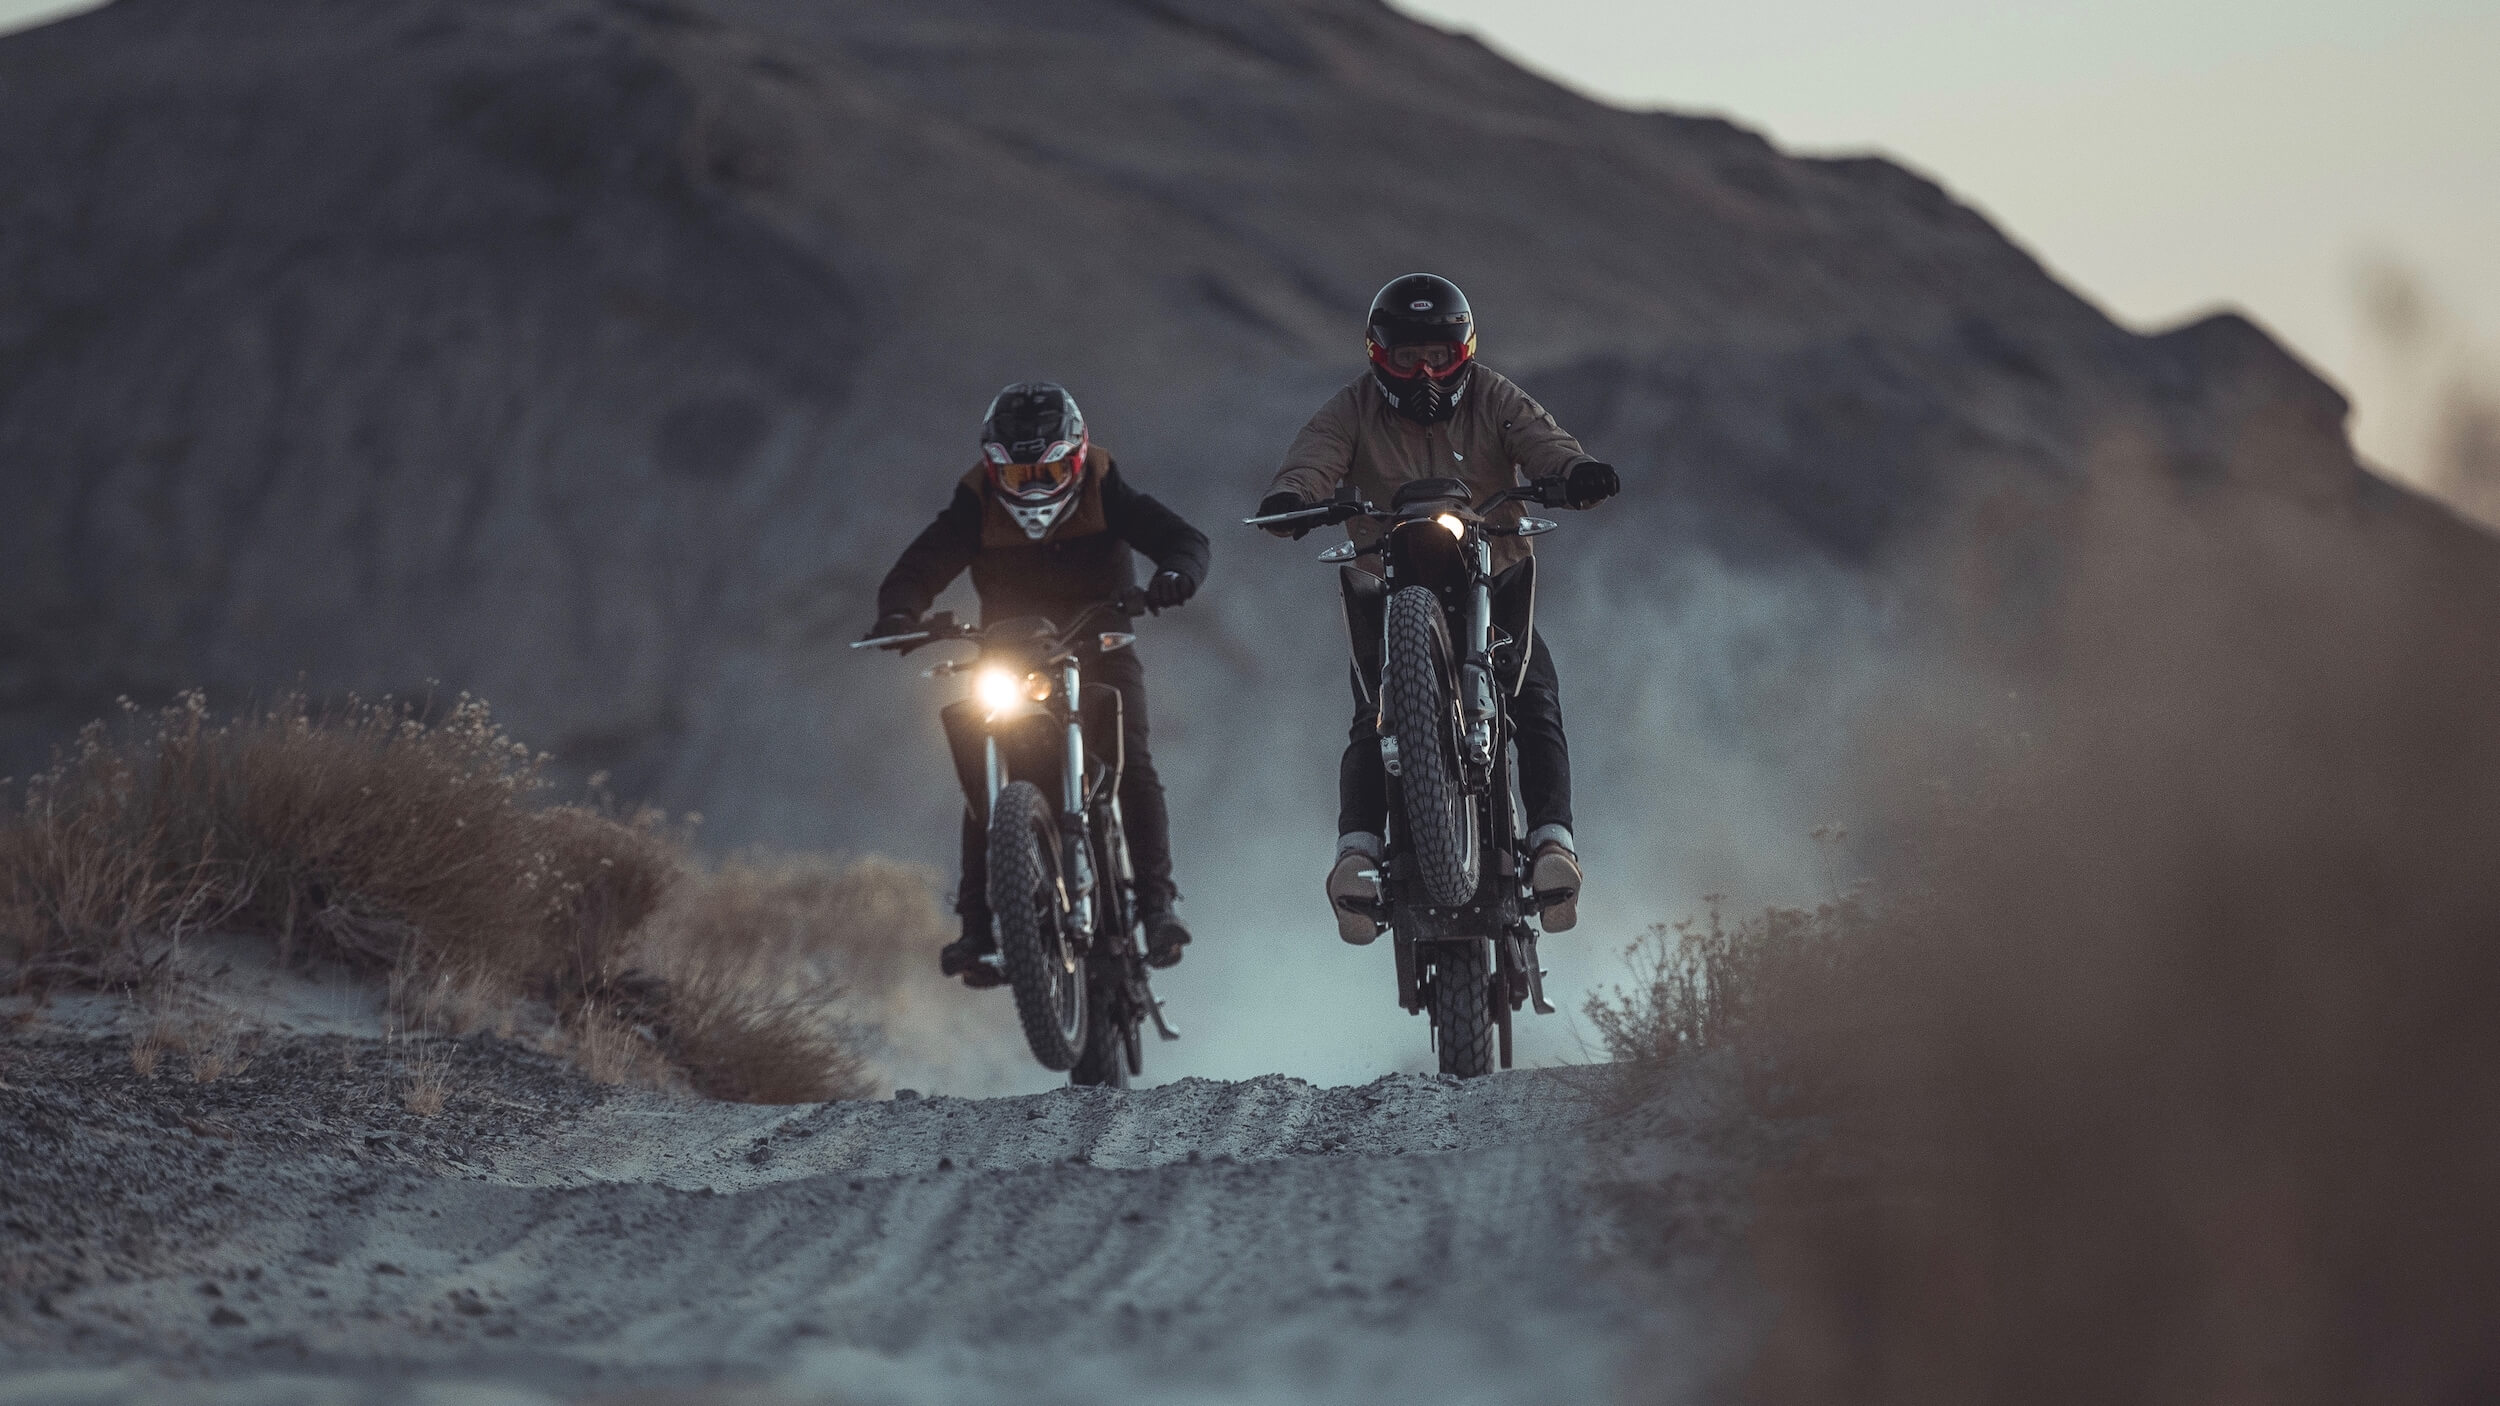 2020 Zero FX elektrische motorfiets